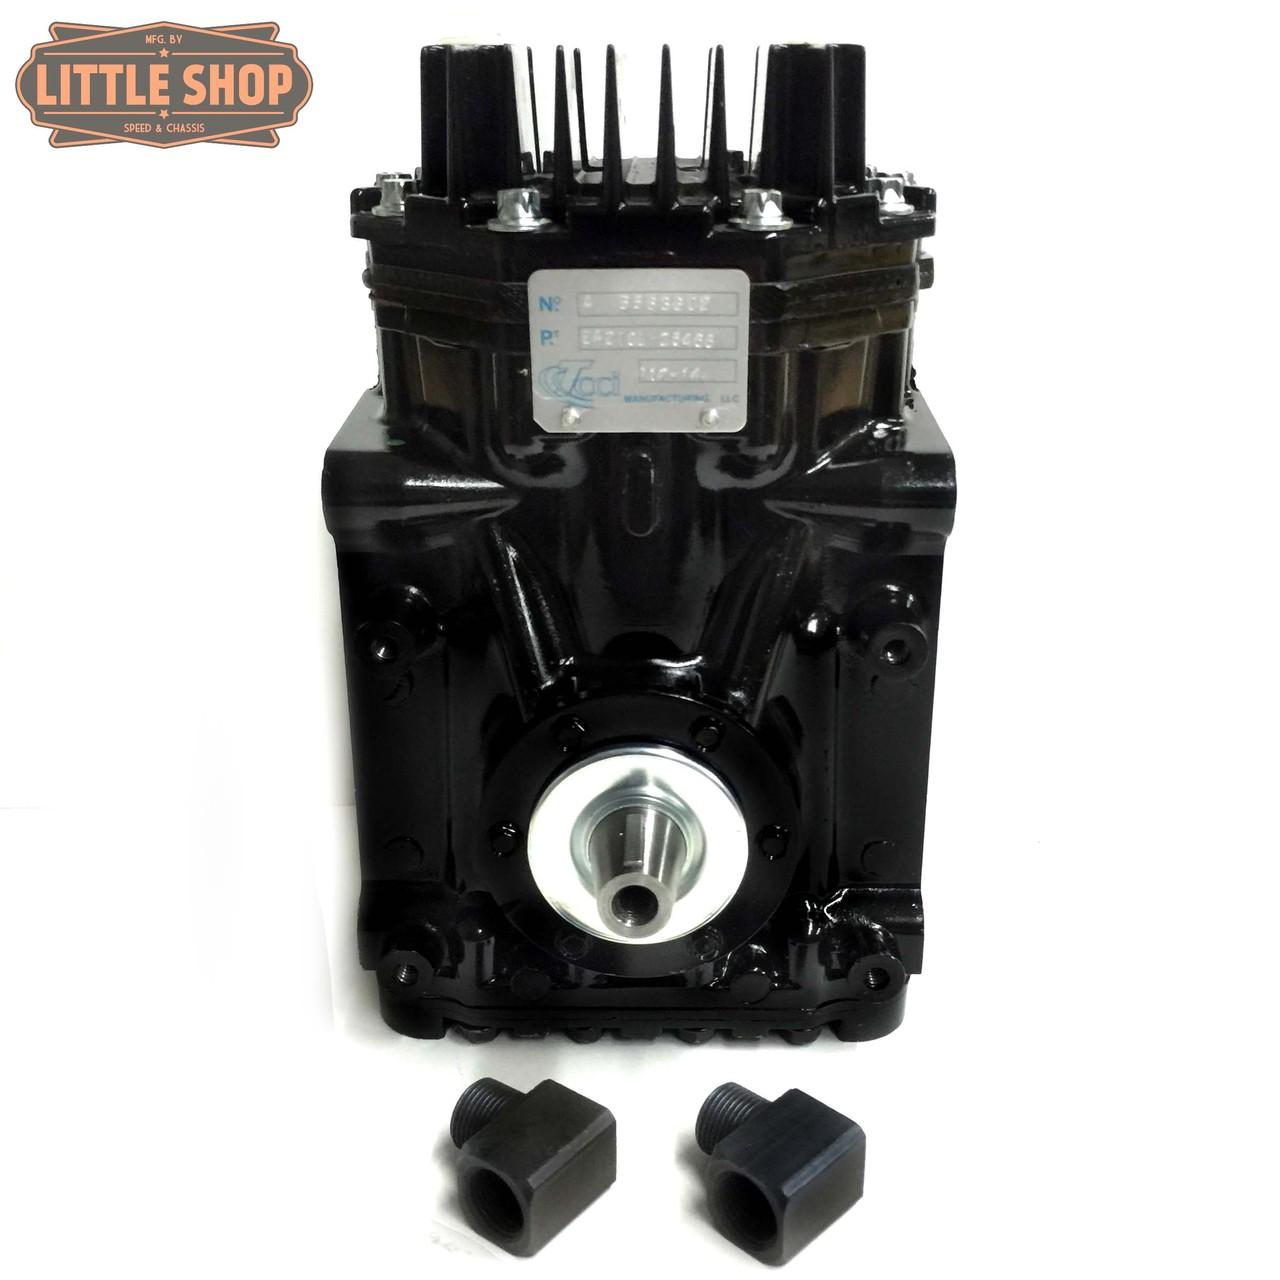 LSMFG-Vortec-SLM 96'-07' GM 4.3, 5.0, 5.7 Vortec Super Low Maintenance Engine Driven Compressor Kit (same kit as EDC kit but with upgraded SLM compressor)